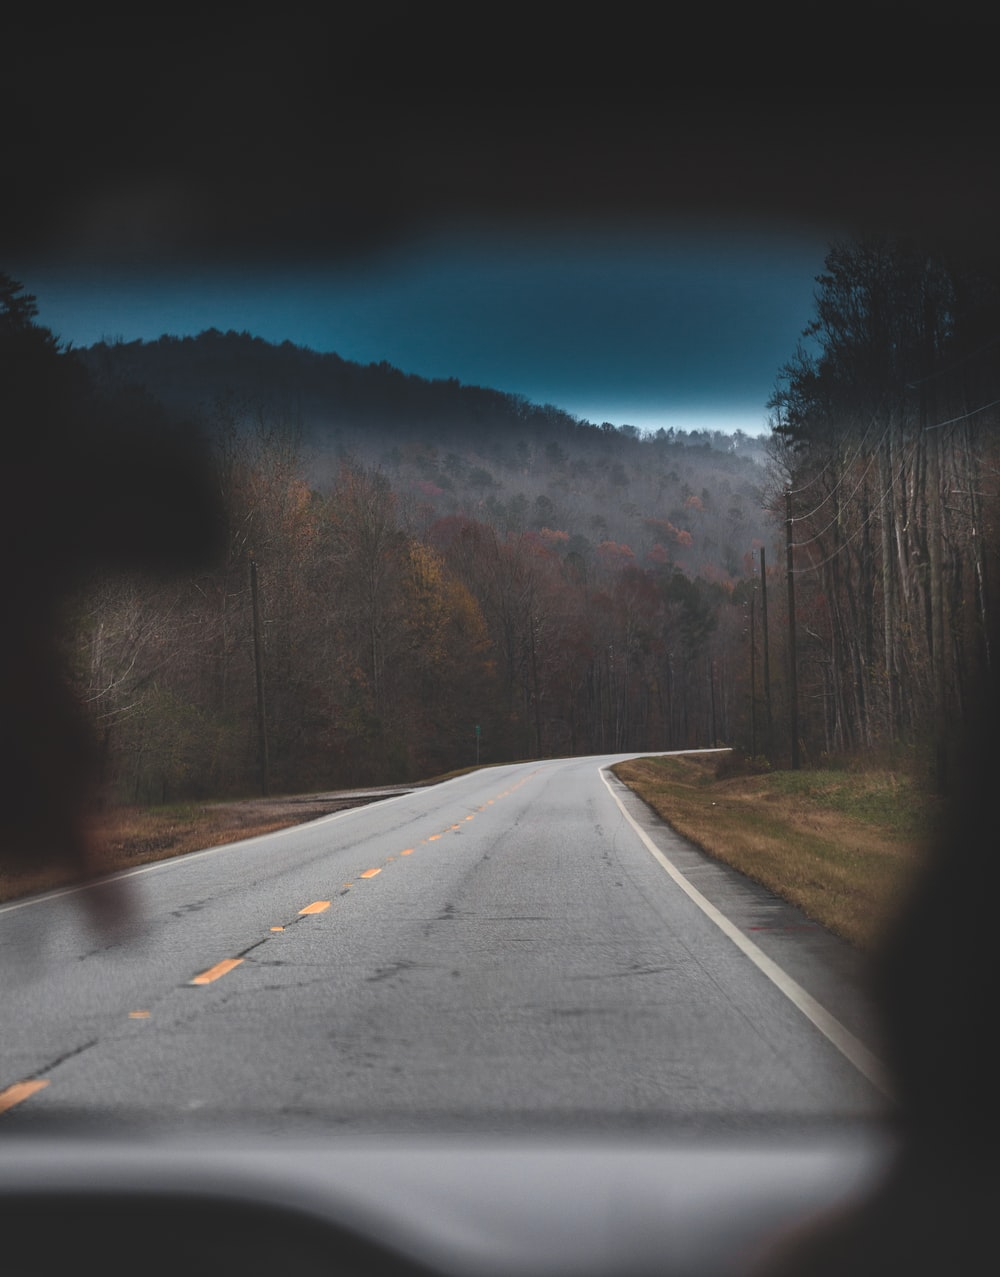 empty gray road near trees